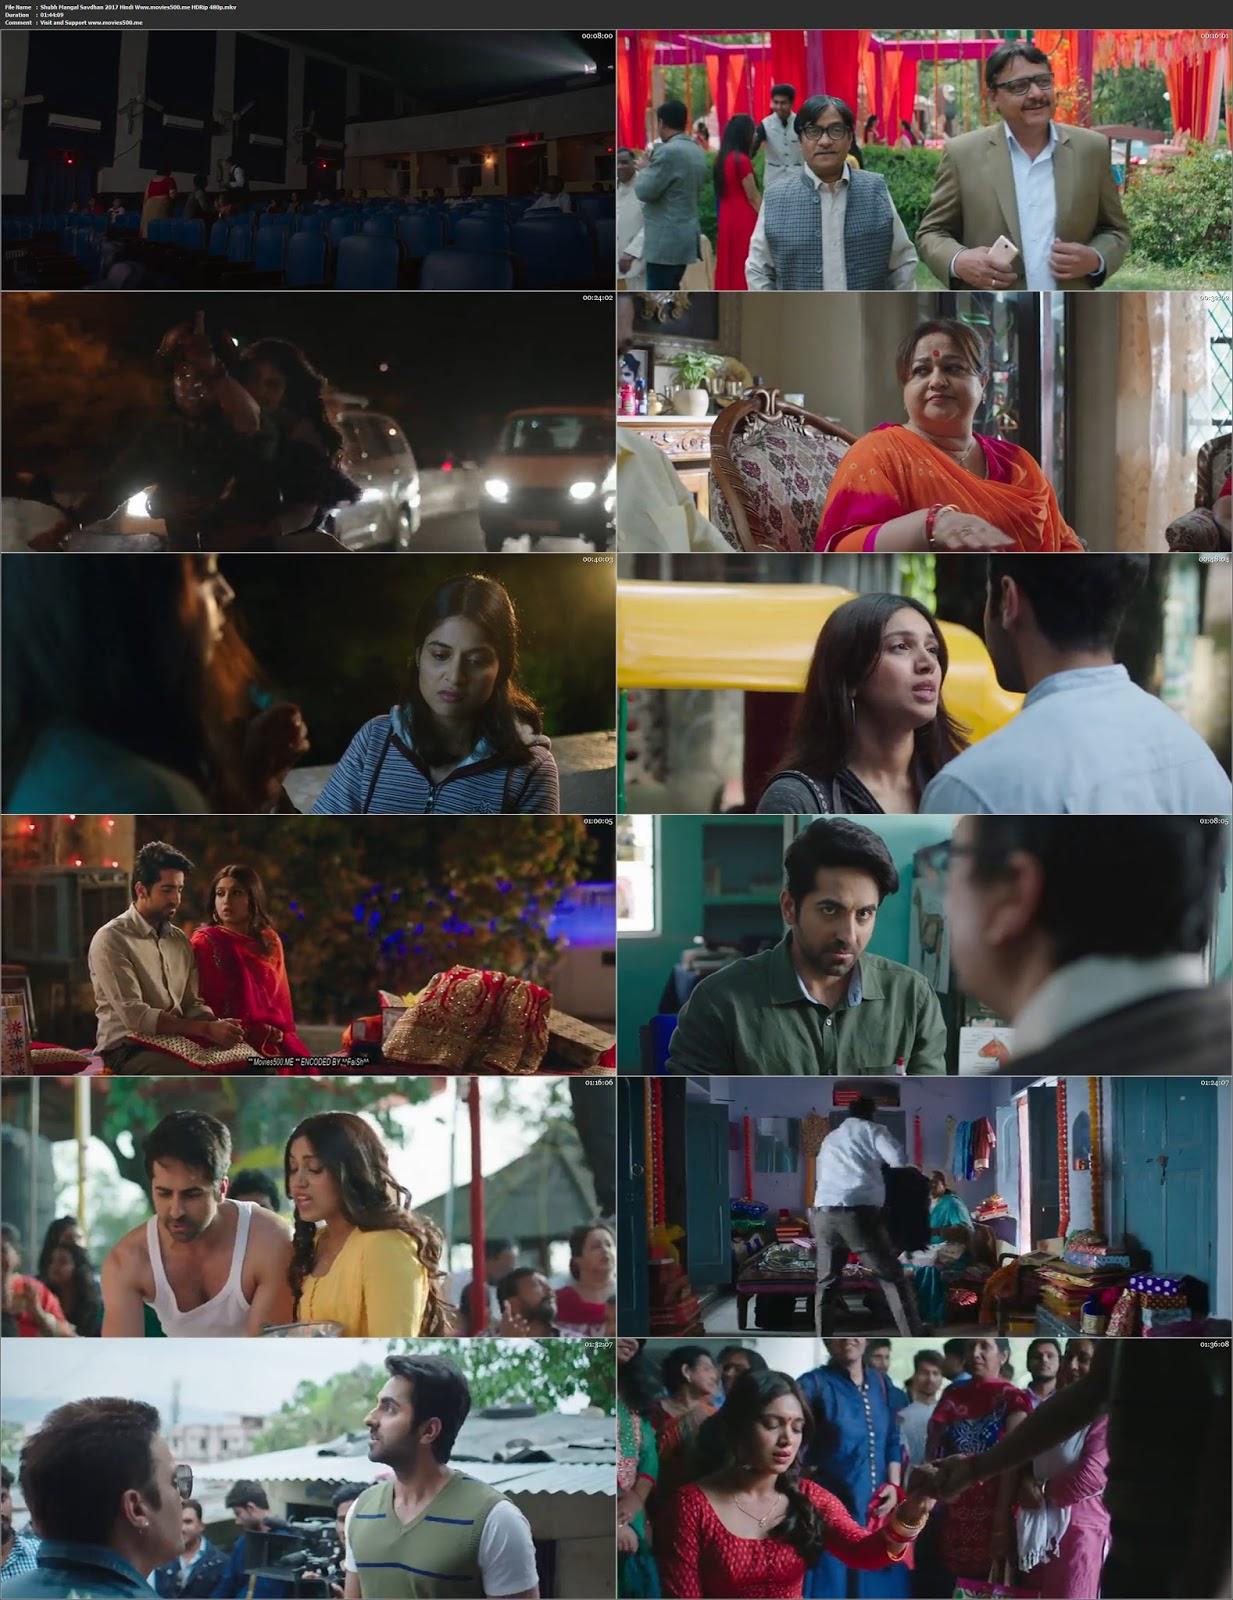 Shubh Mangal Saavdhan 2017 Bollywood 300MB HDRip 720p at softwaresonly.com